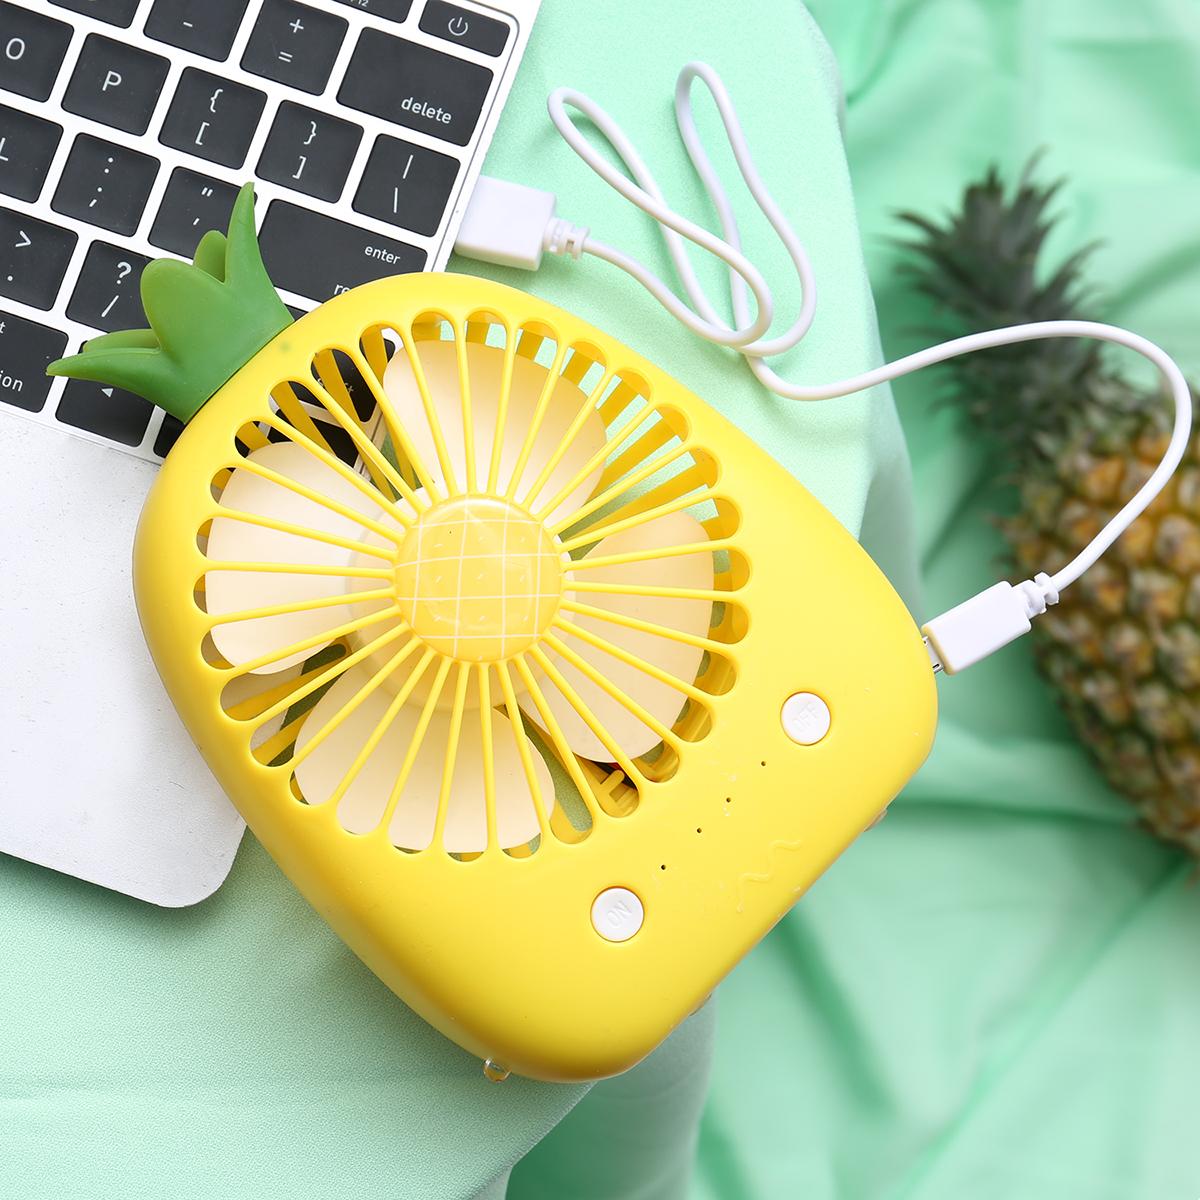 凤梨卡通可爱小电风扇迷你可充电宿舍usb手拿便携式学生静音电扇